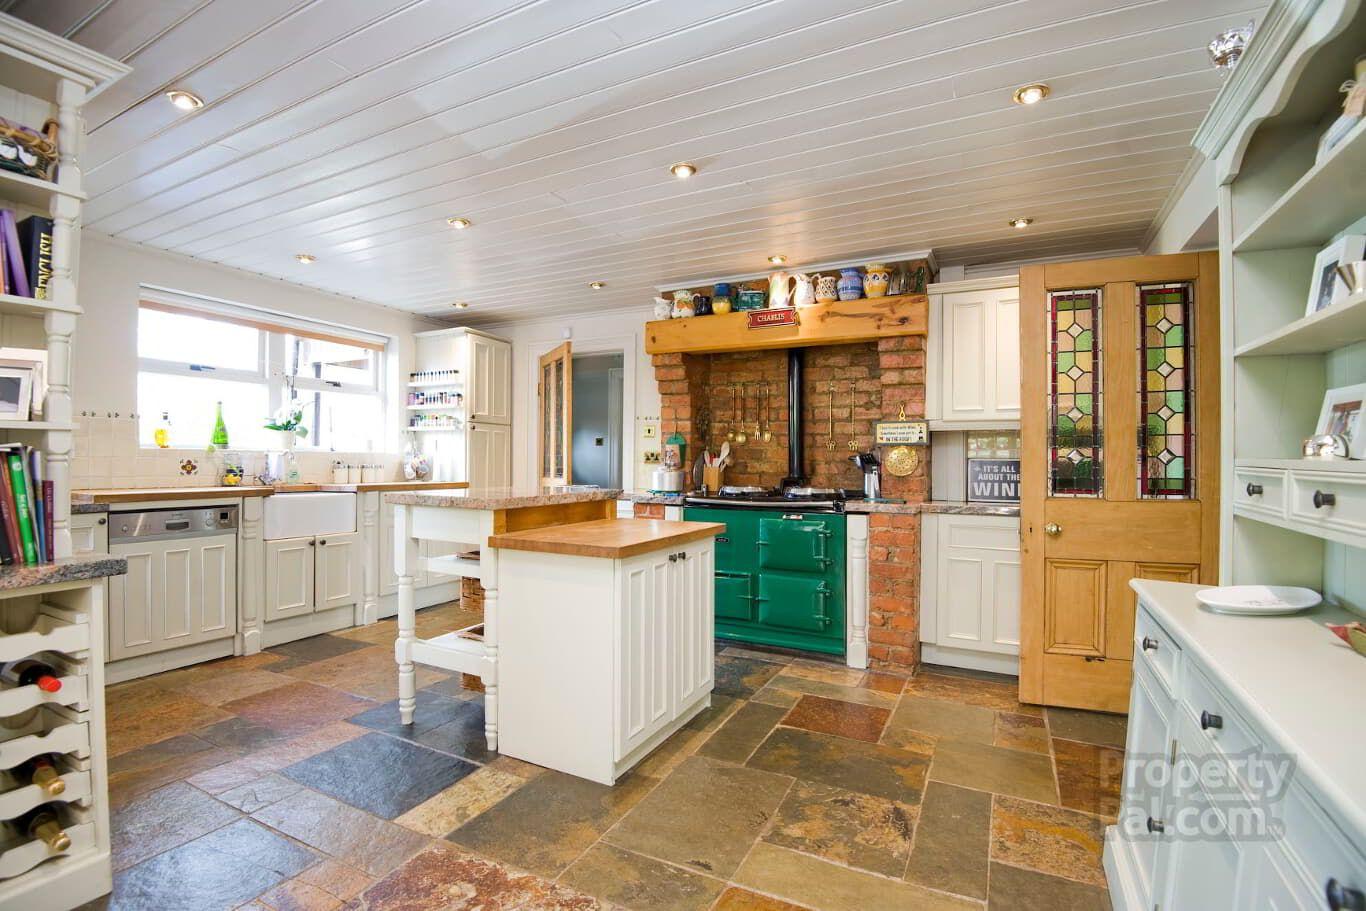 548 Upper Newtownards Road, Belfast kitchen Kitchen